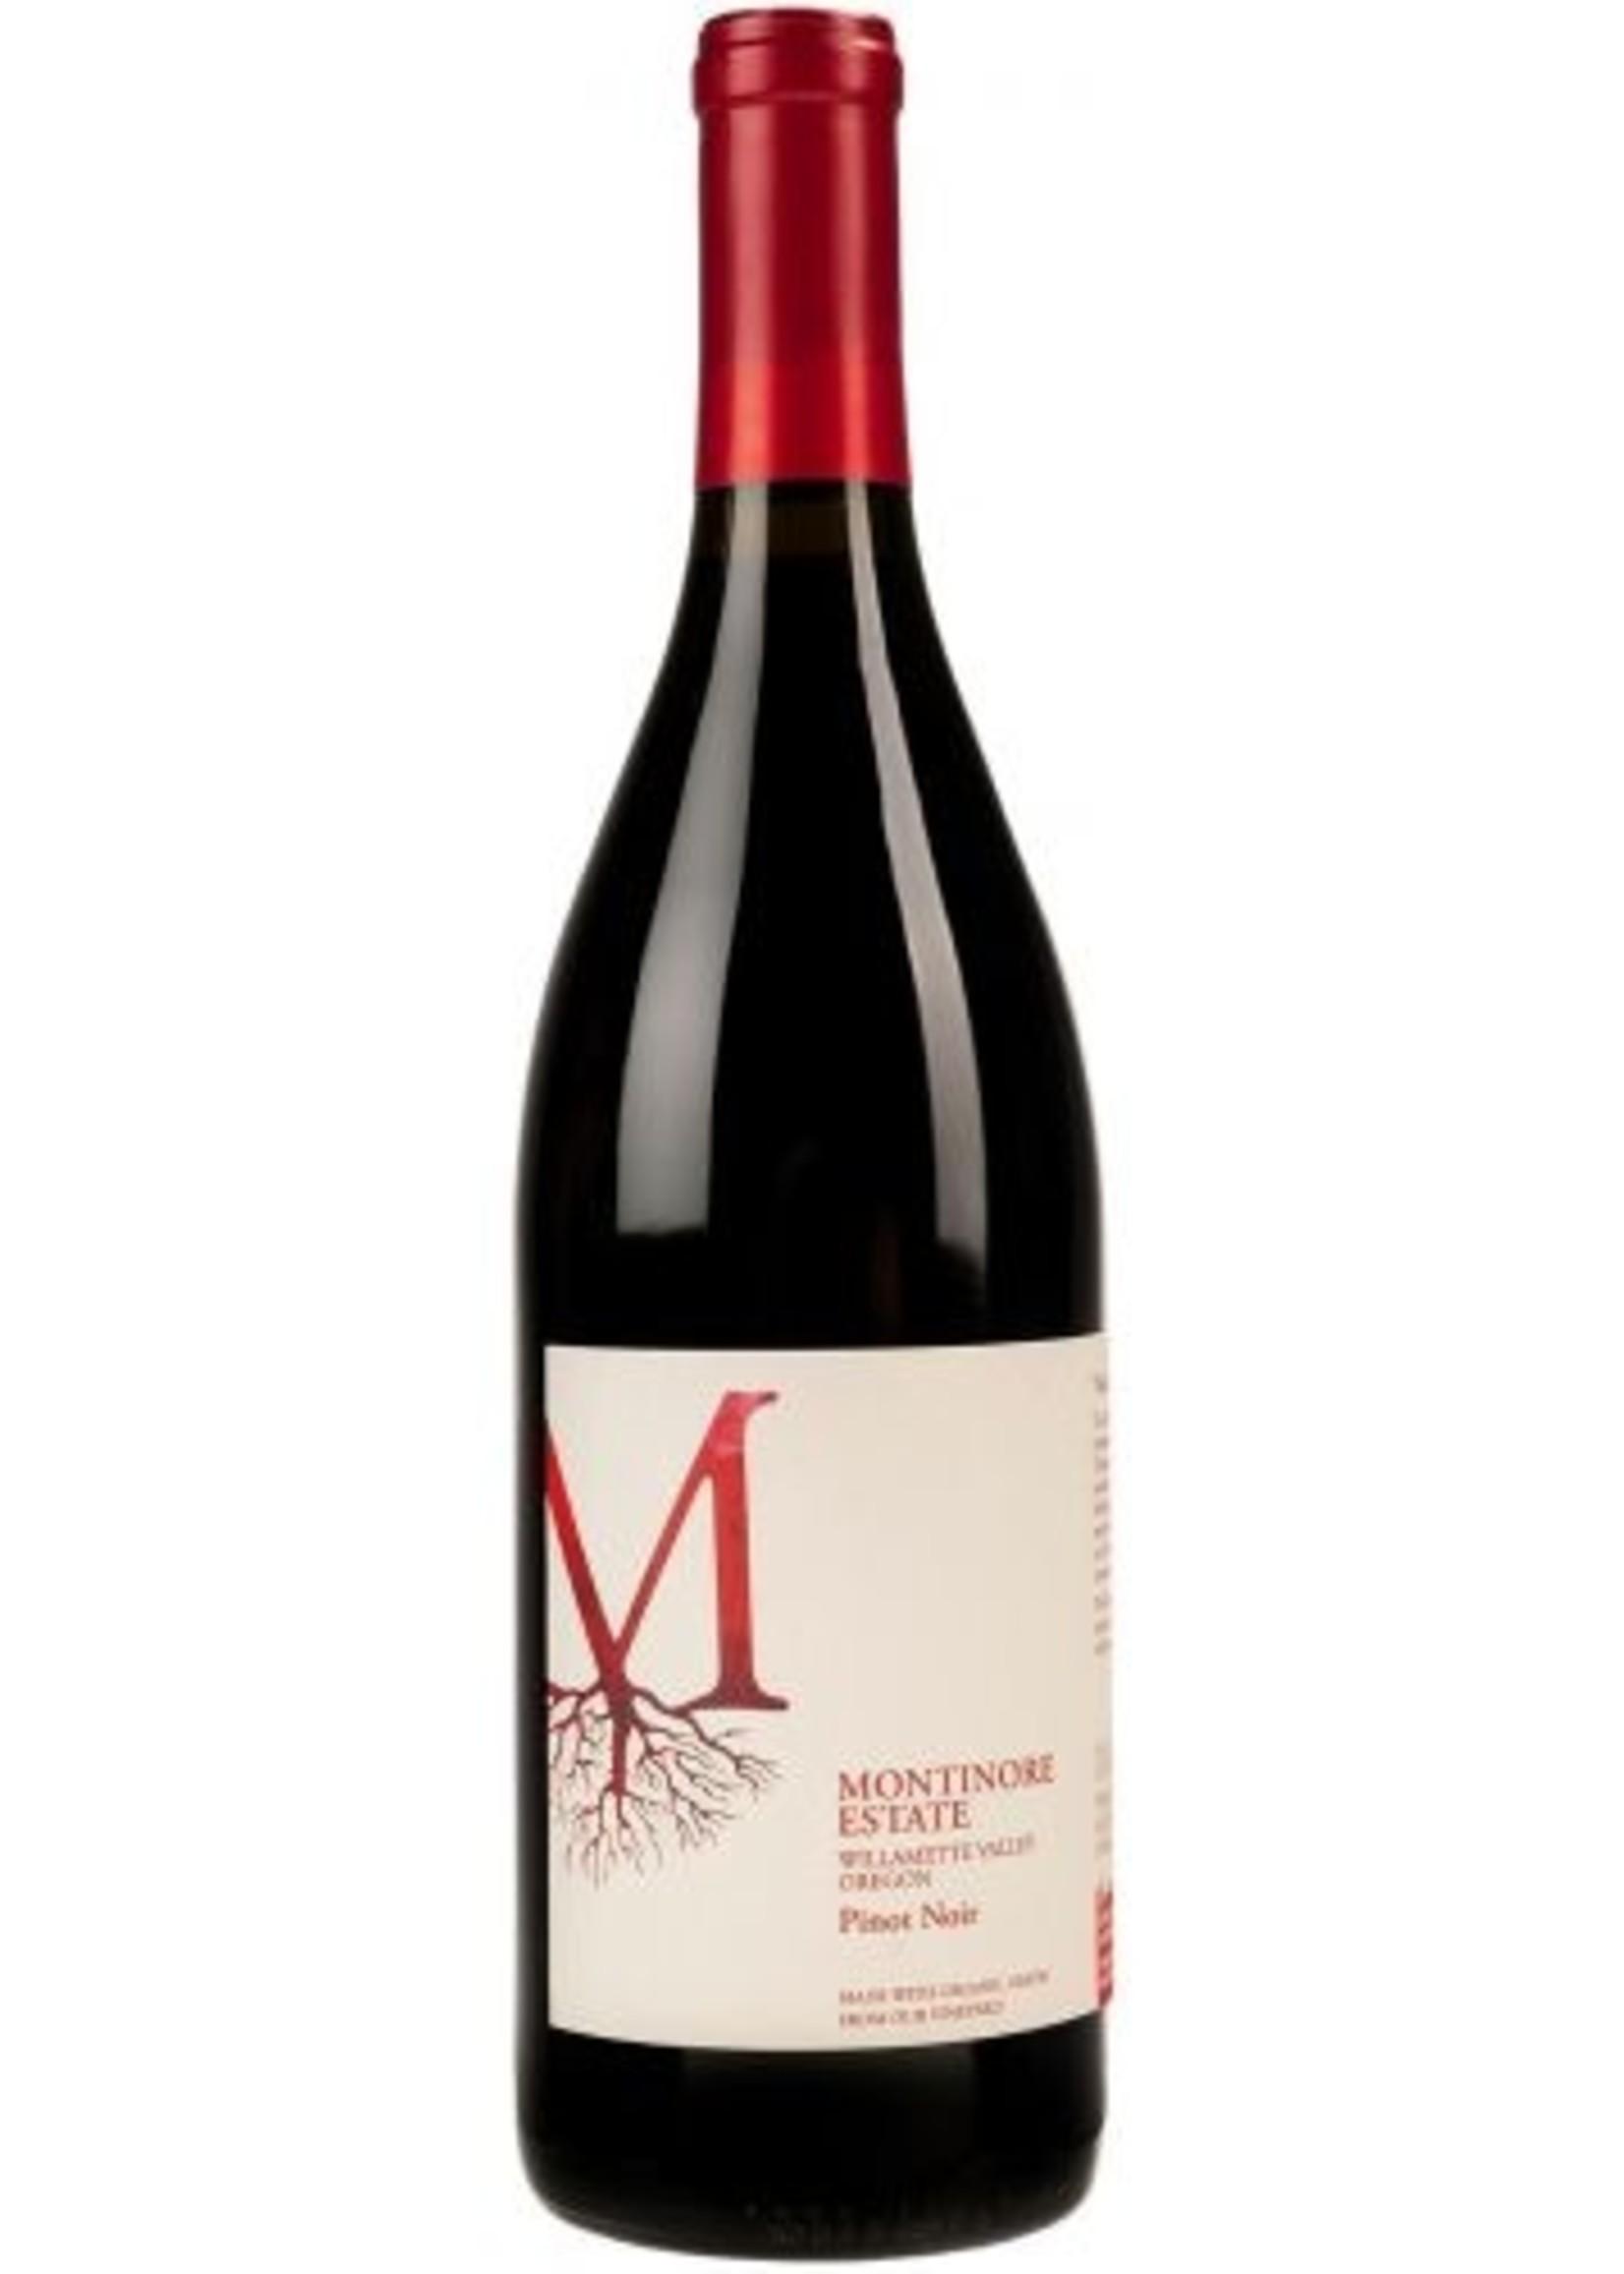 Montinore Pinot Noir